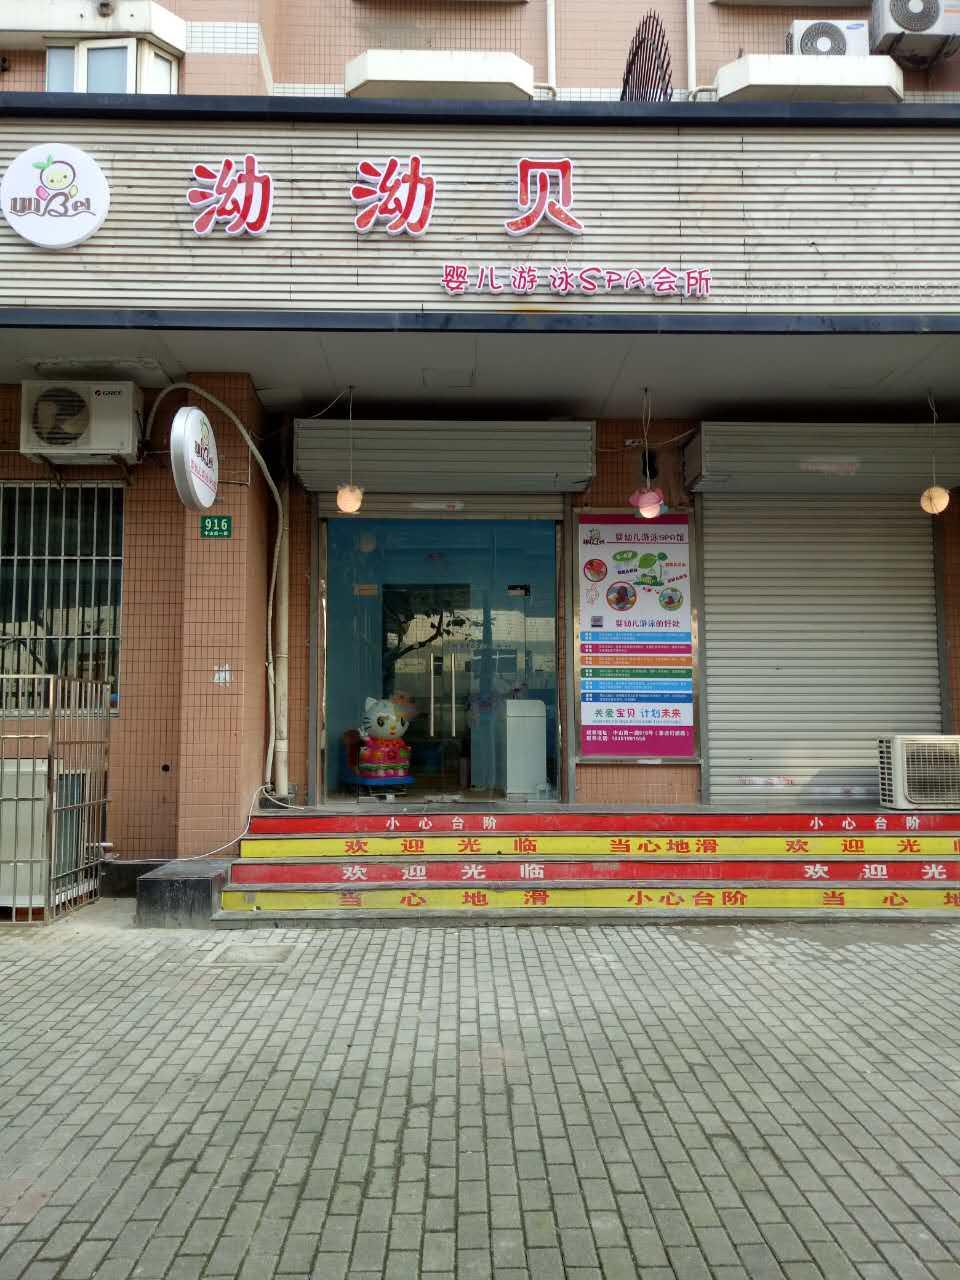 上海-徐汇店